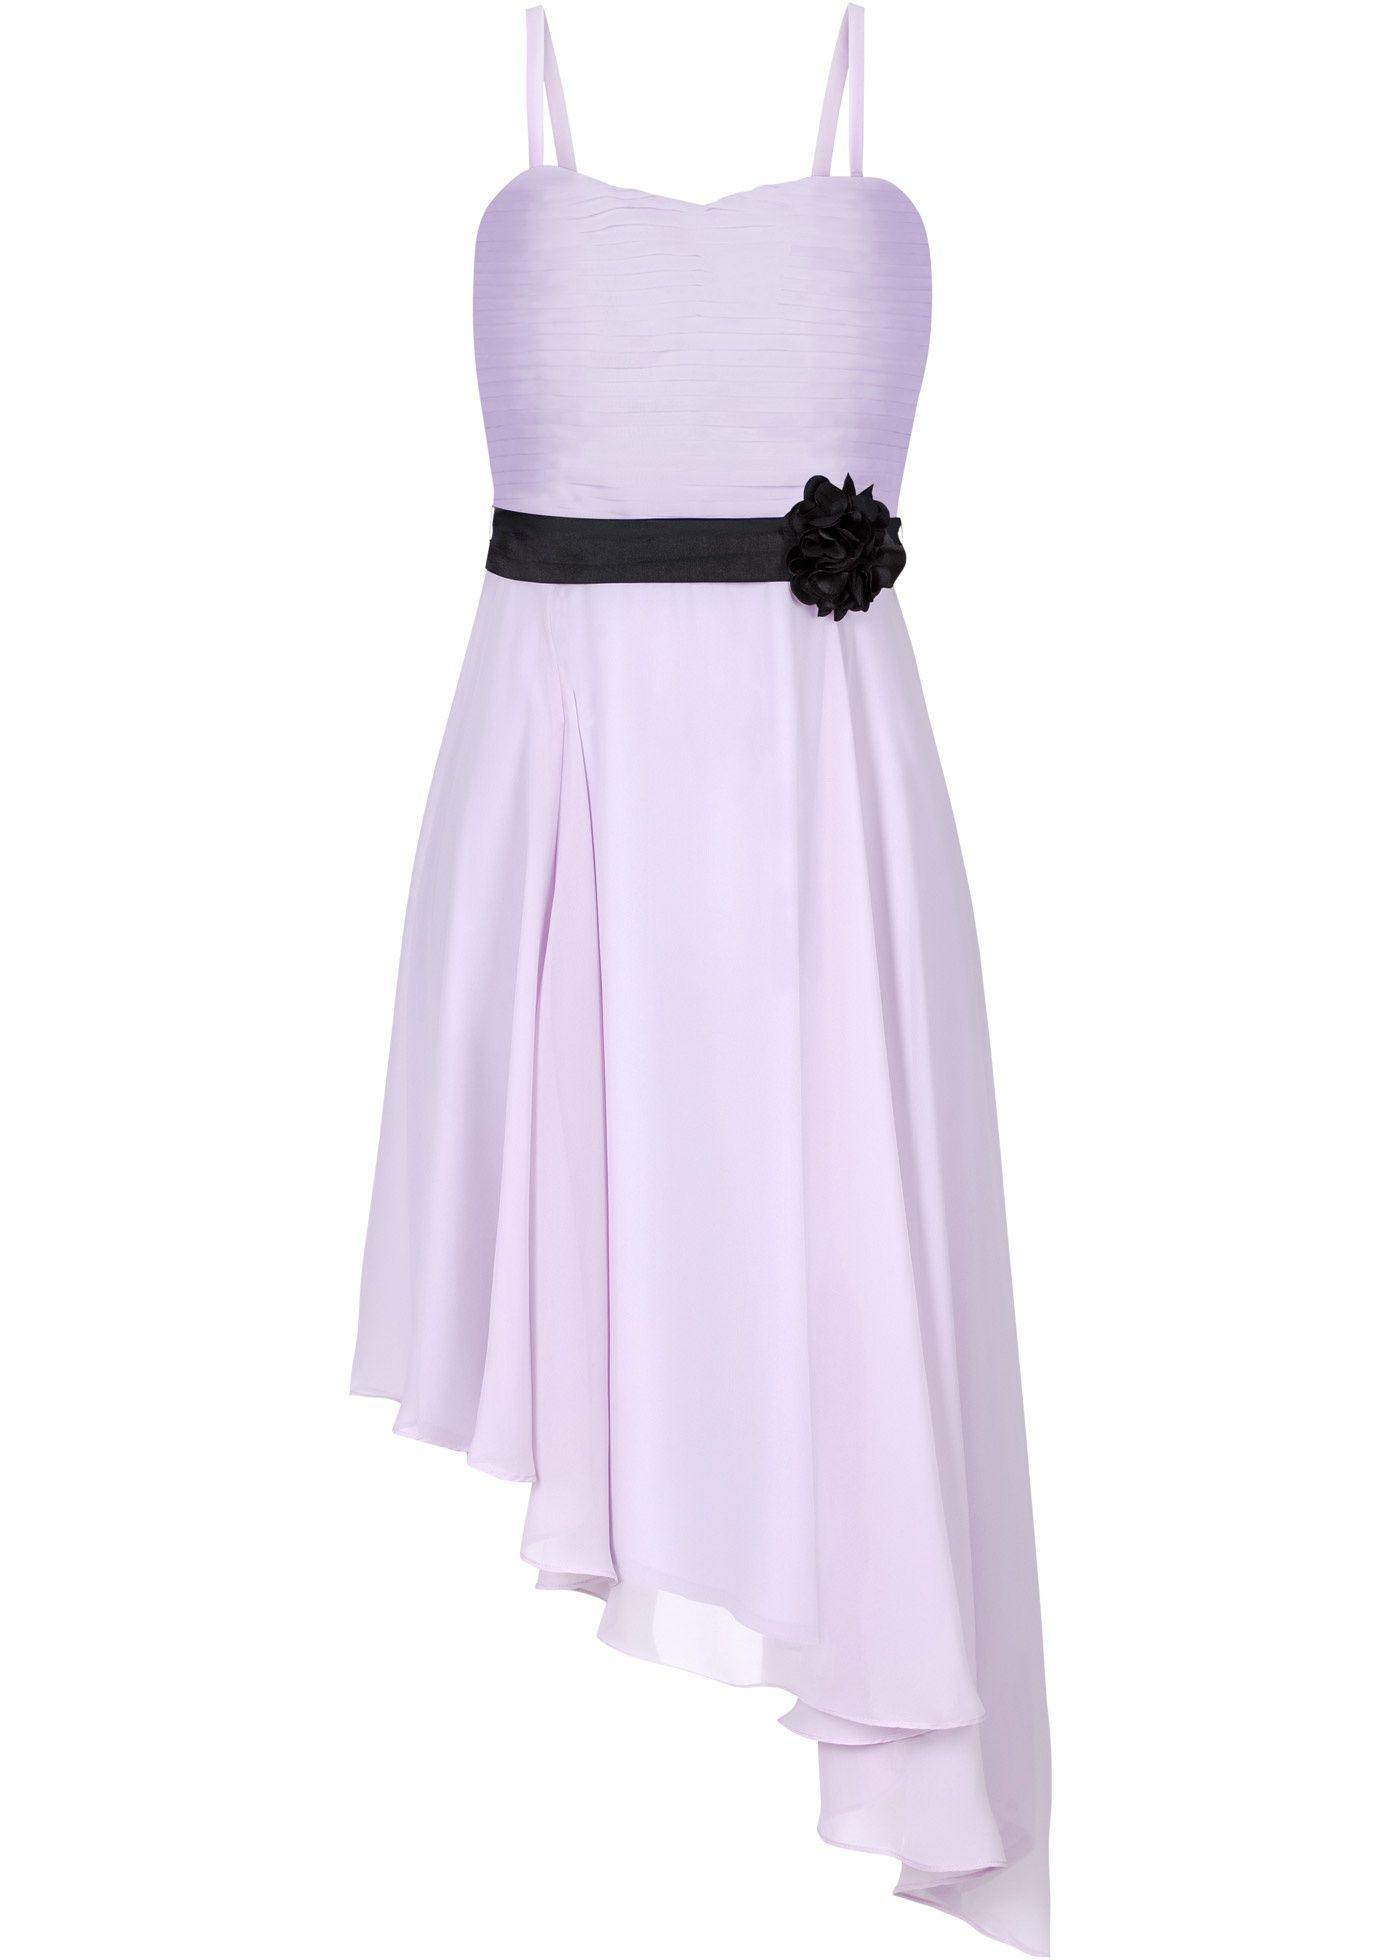 f862bb01302f Abito con fiore Violetto   nero - BODYFLIRT è ordinabile nello shop on-line  di bonprix.it da   37